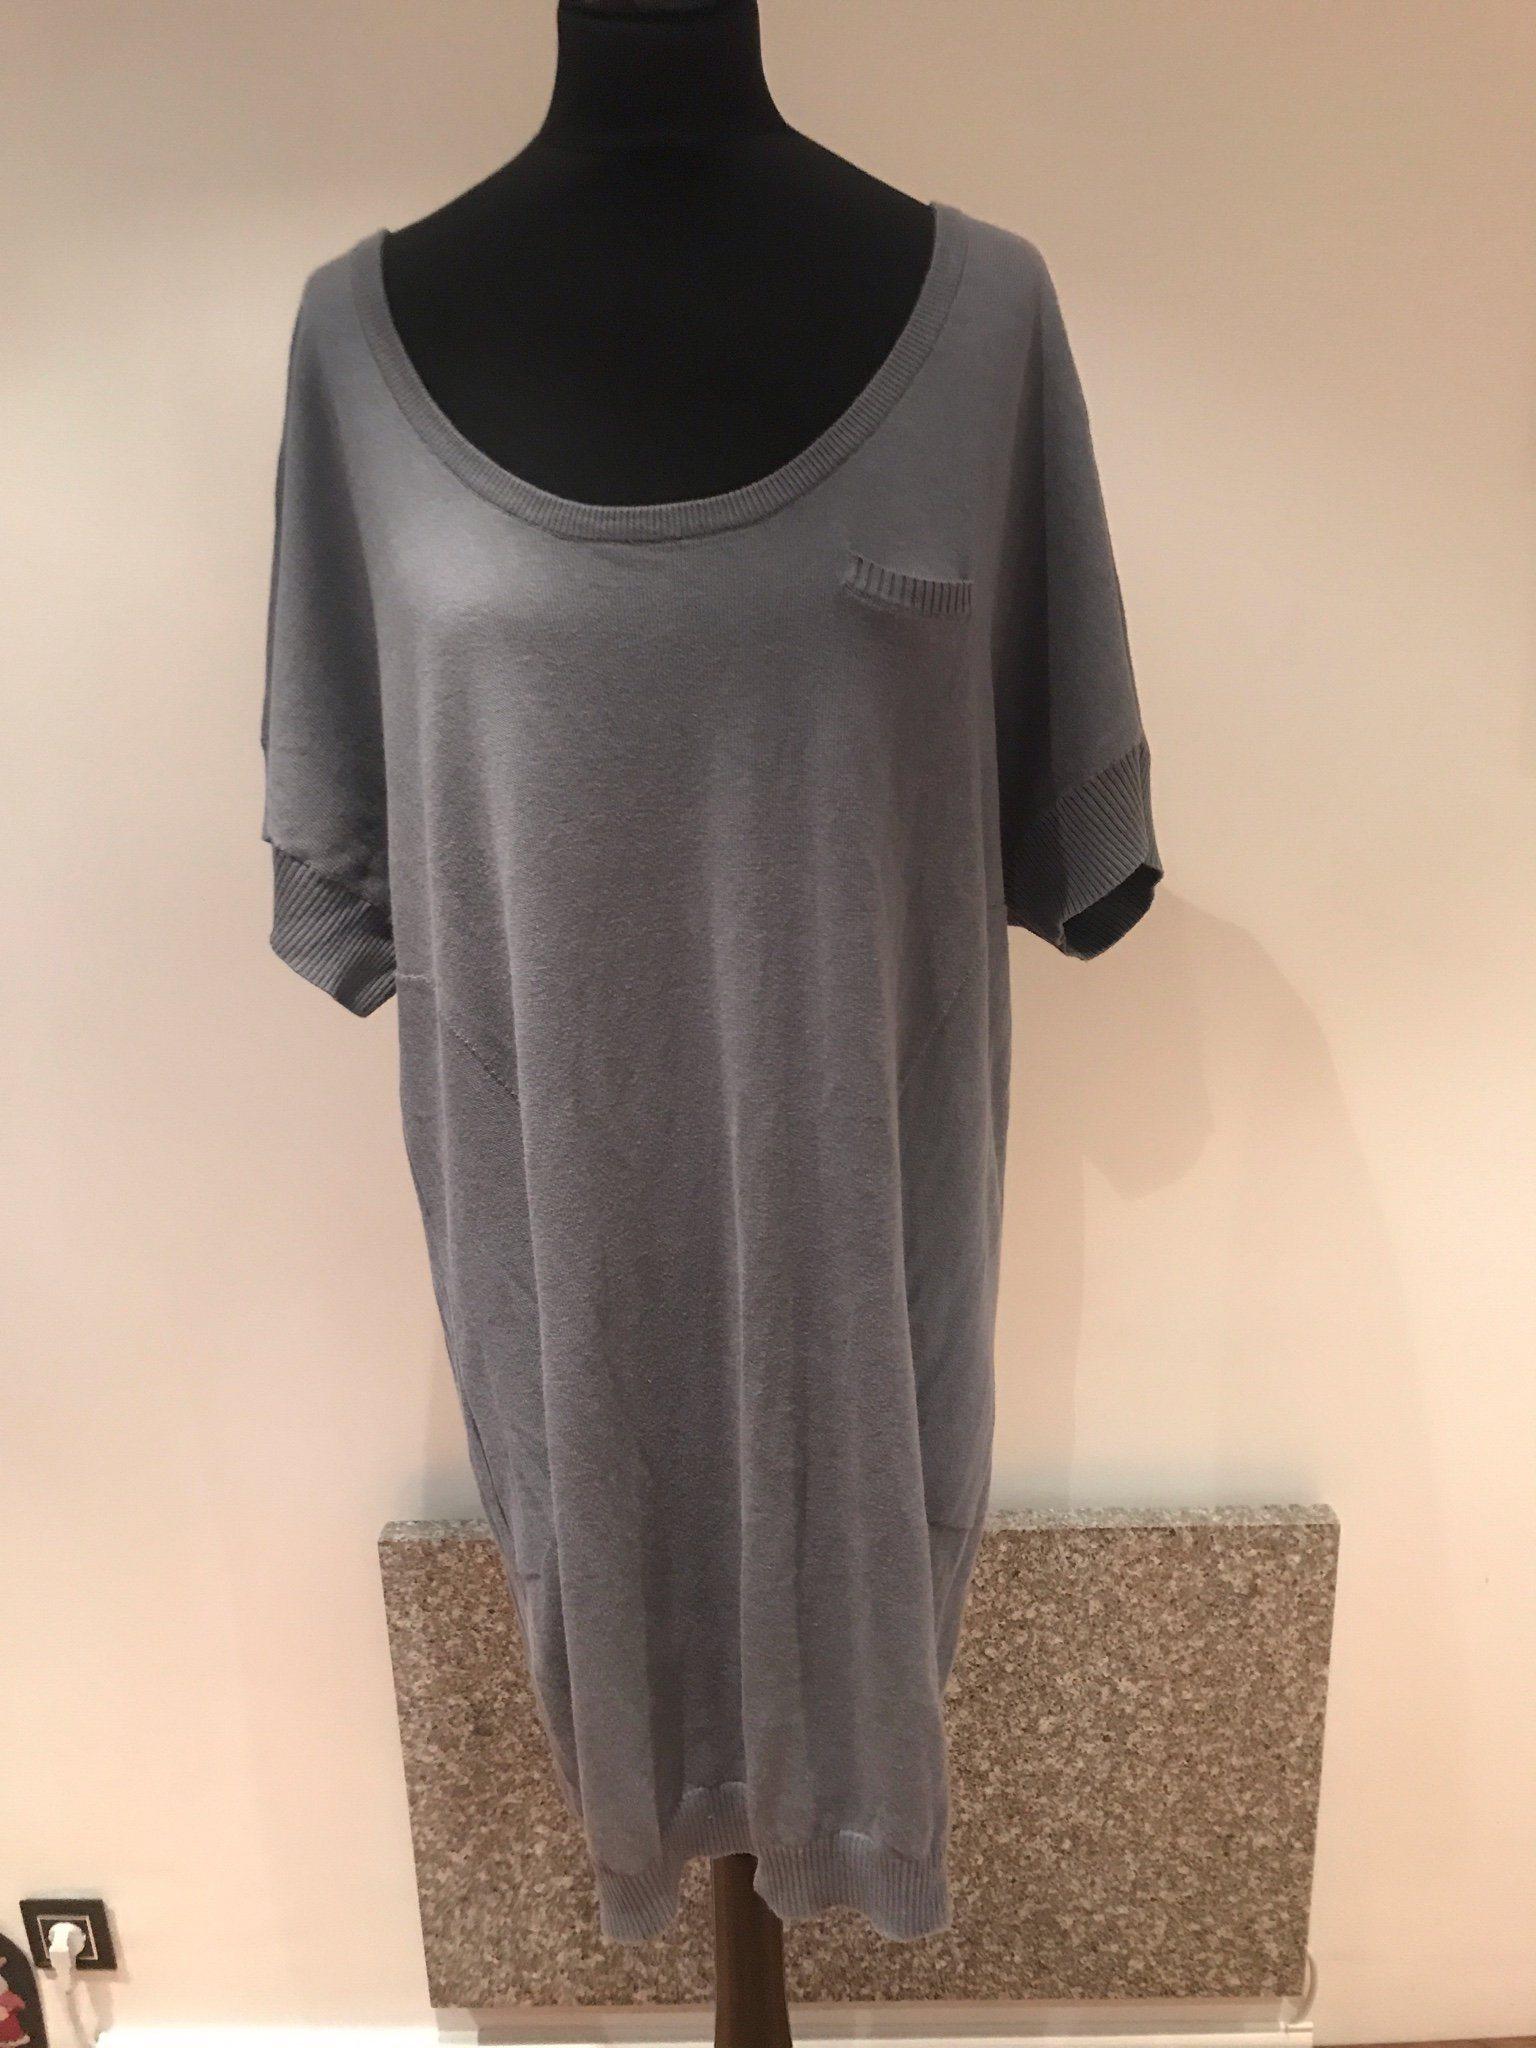 bfa3ac32 Ny klänning från Carin Wester str M (341928036) ᐈ Köp på Tradera